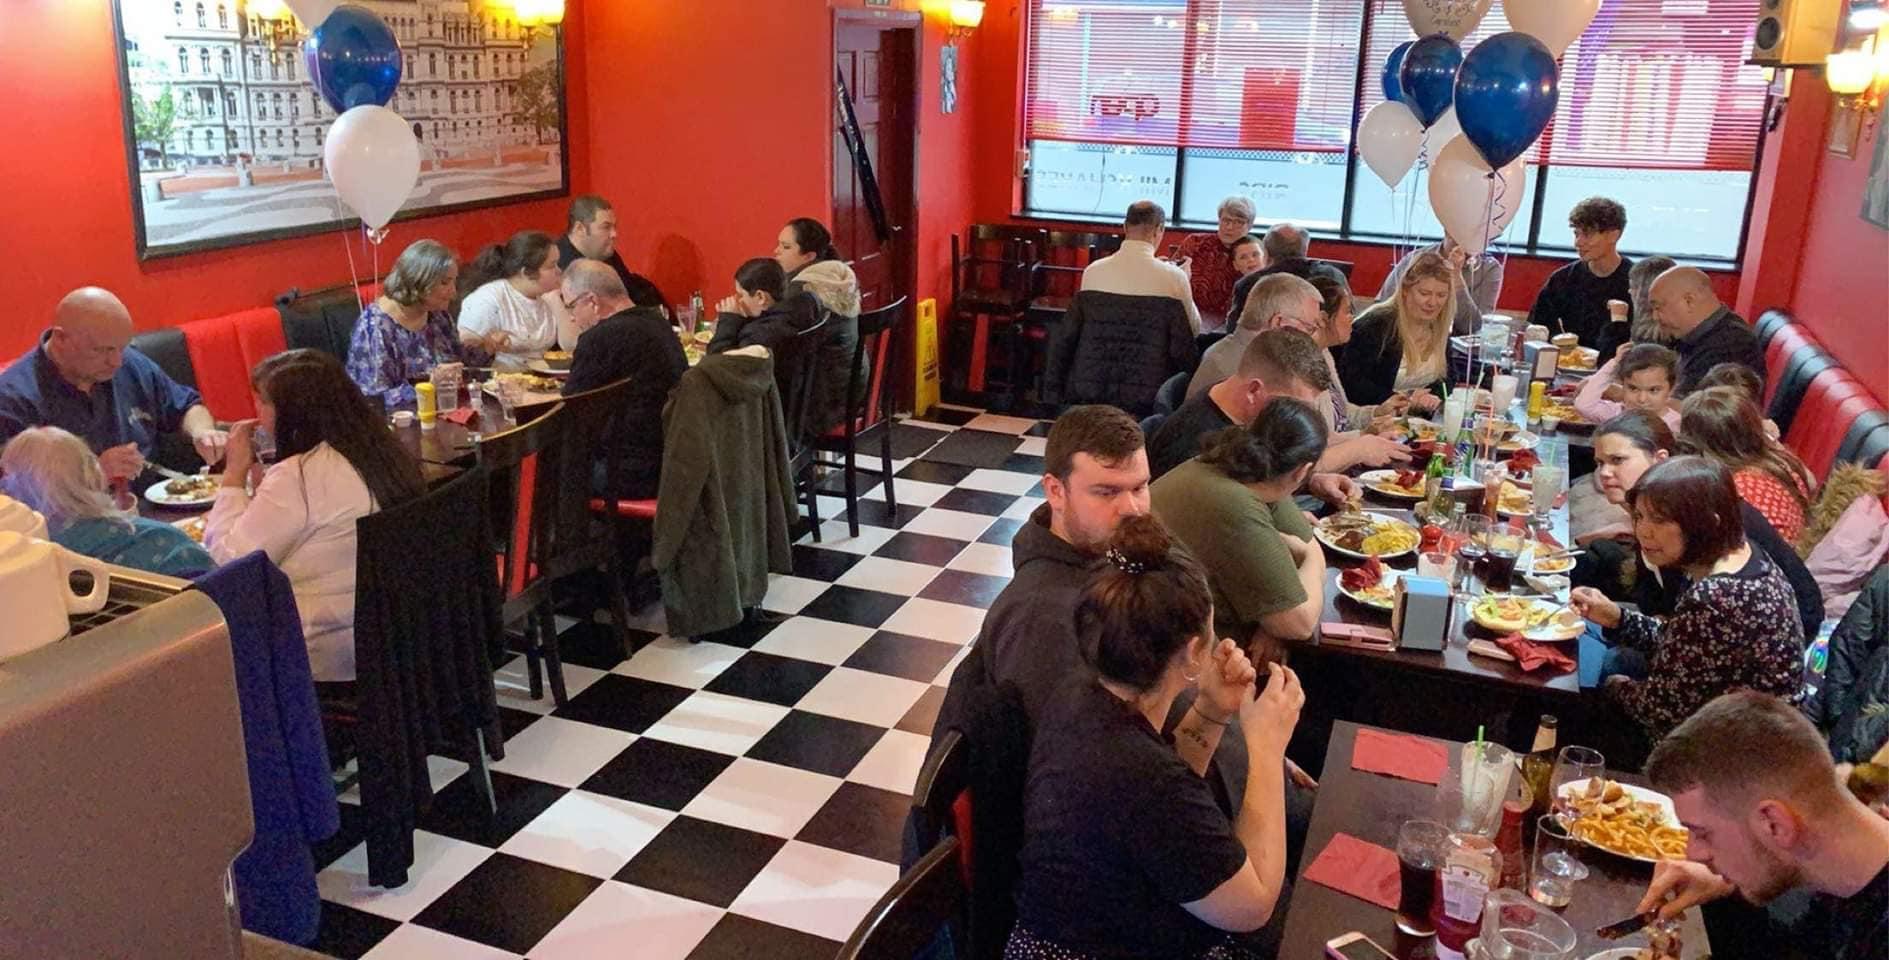 Marks American Diner